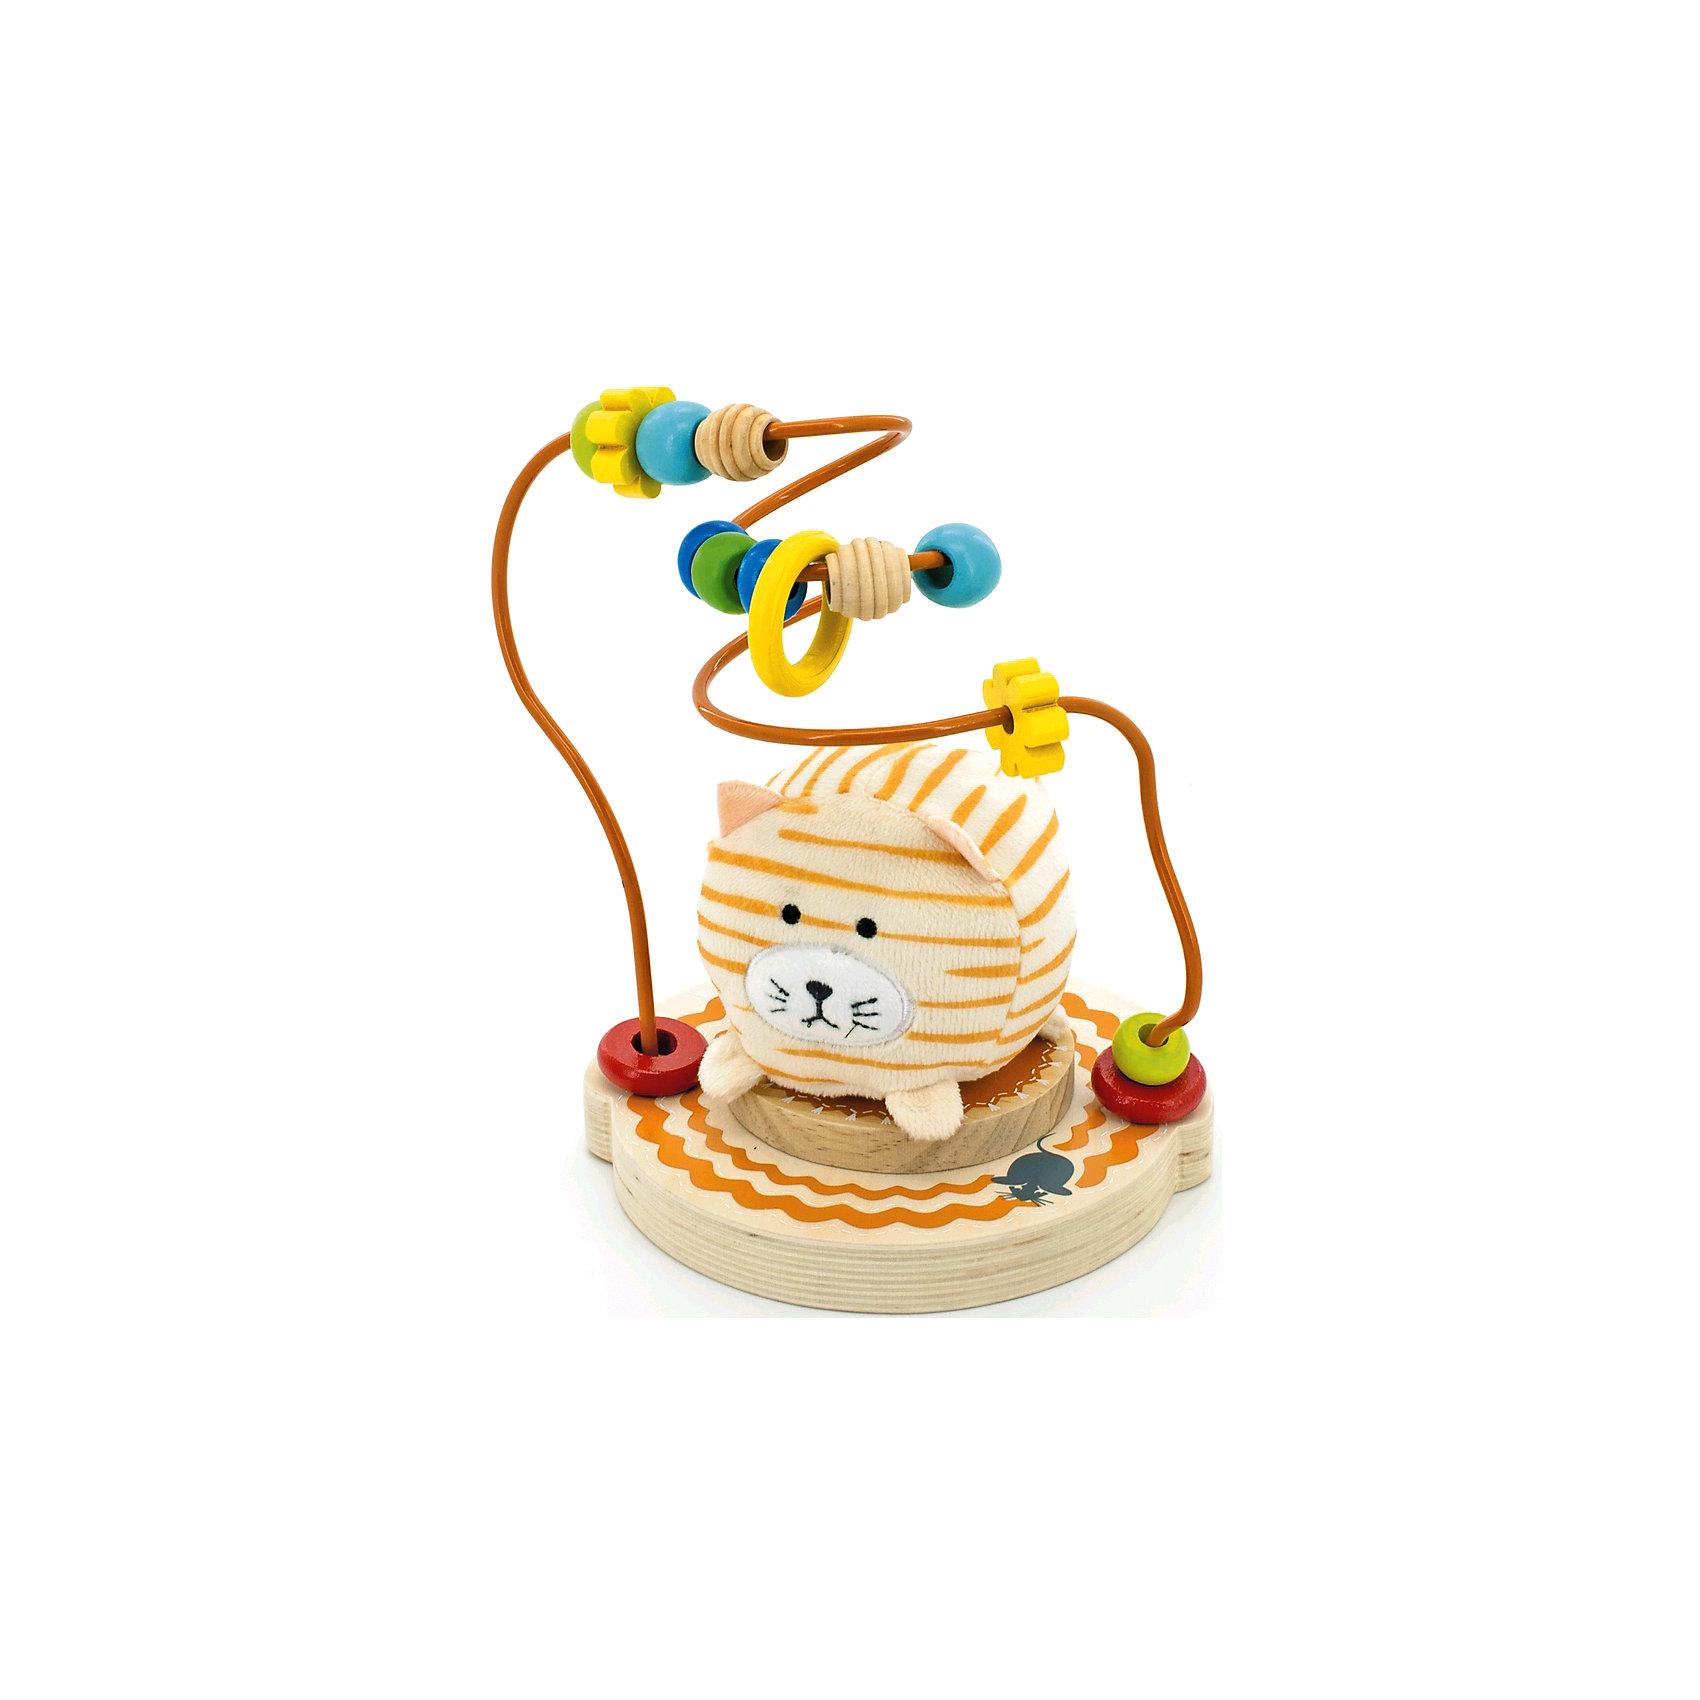 Лабиринт Мурлыка, МДИЛабиринты<br>Характеристики товара:<br><br>- цвет: разноцветный;<br>- материал: дерево, металл, текстиль;<br>- особенности: помогает развитию важных навыков;<br>- комплектация: основа, мелкие детали;<br>- размер упаковки: 21х19х16 см;<br>- вес: 550 г.<br><br>Развивать навыки ребенка можно в любом возрасте! Эта обучающая игрушка поможет малышу в игровой форме научиться многому. Игрушка очень качественно выполнена, поэтому она станет отличным подарком ребенку. Она состоит из основы и мелких неснимающихся деталей, которые можно двигать. Такое изделие отлично тренирует у ребенка разные навыки. Играя с ней, малыш осваивает счет, развивает мелкую моторику, цветовосприятие, внимание, воображение и творческое мышление.<br>Изделие произведено из высококачественного материала, безопасного для детей.<br><br>Лабиринт Мурлыка от бренда Мир деревянных игрушек можно купить в нашем интернет-магазине.<br><br>Ширина мм: 19<br>Глубина мм: 16<br>Высота мм: 21<br>Вес г: 550<br>Возраст от месяцев: 36<br>Возраст до месяцев: 2147483647<br>Пол: Унисекс<br>Возраст: Детский<br>SKU: 5048958